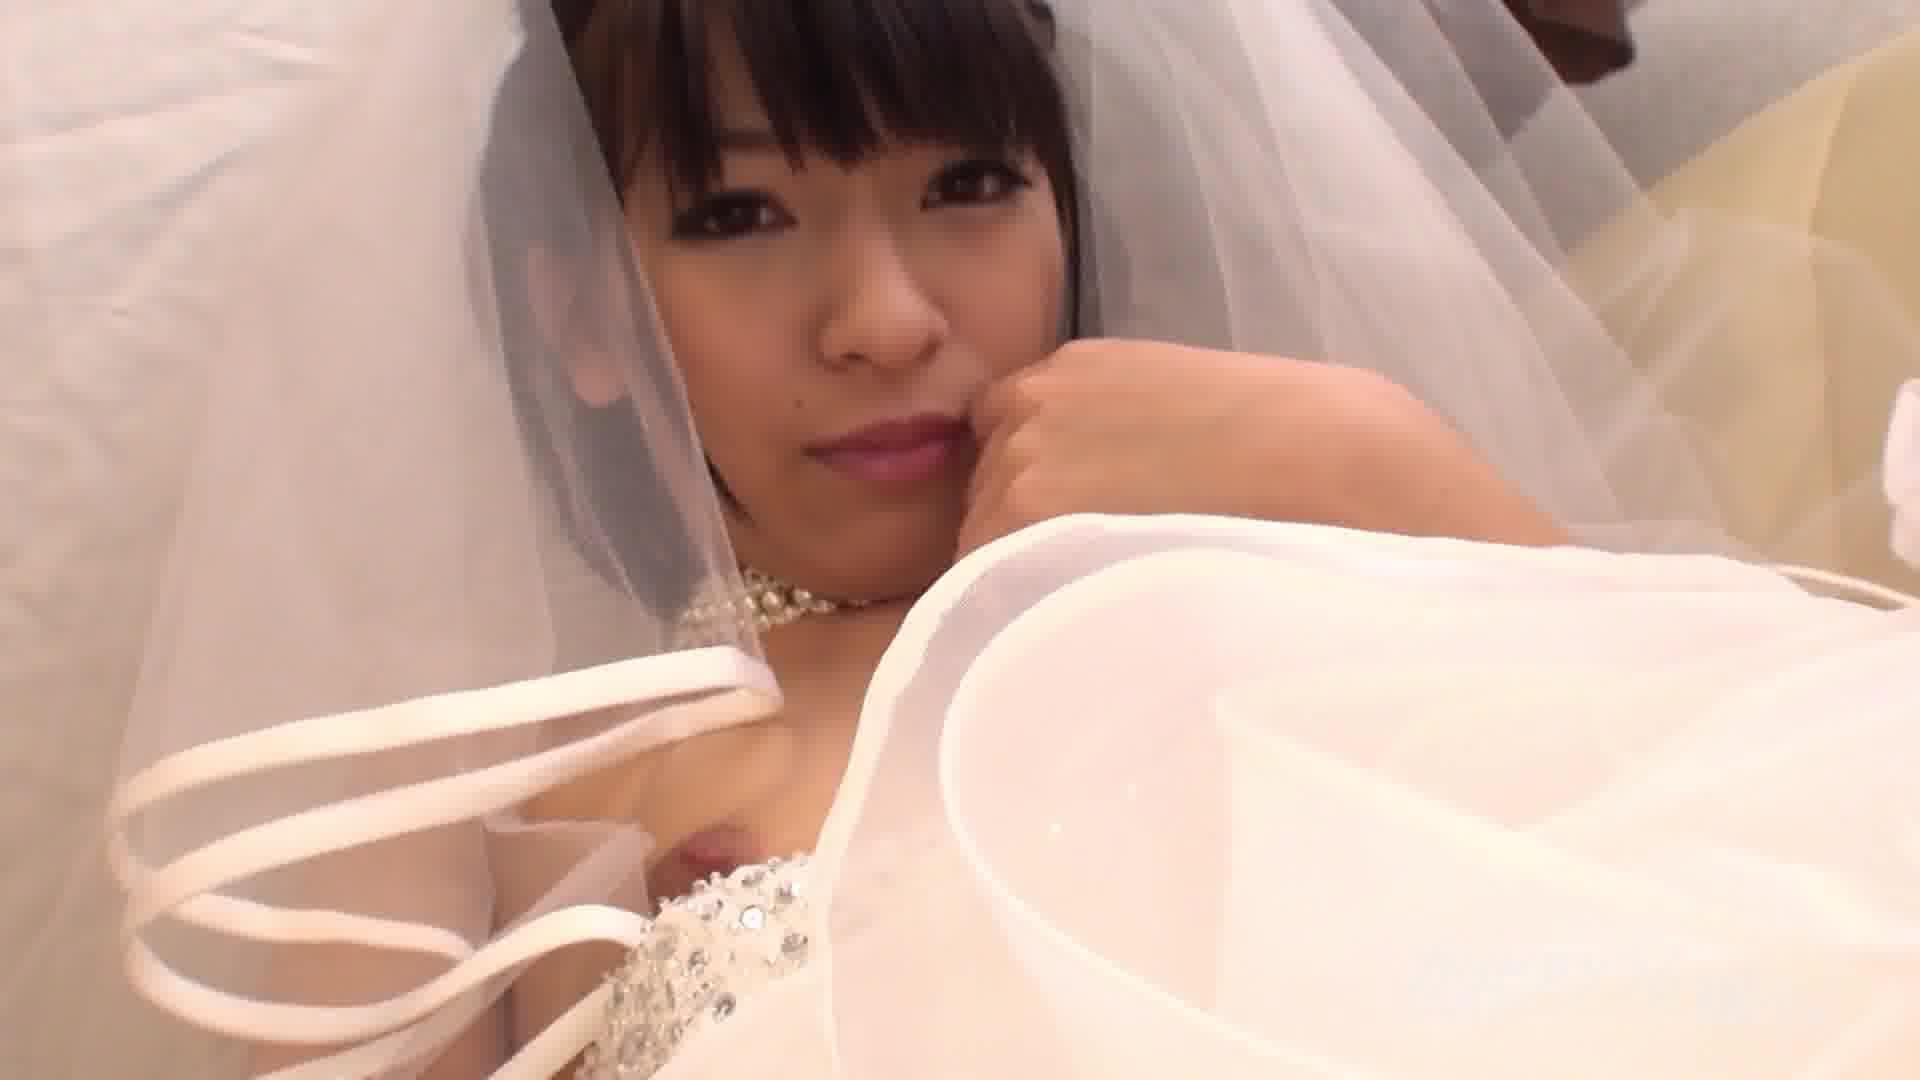 ジューンブライドマスターベーション - 成宮ルリ【美乳・スレンダー・オナニー】